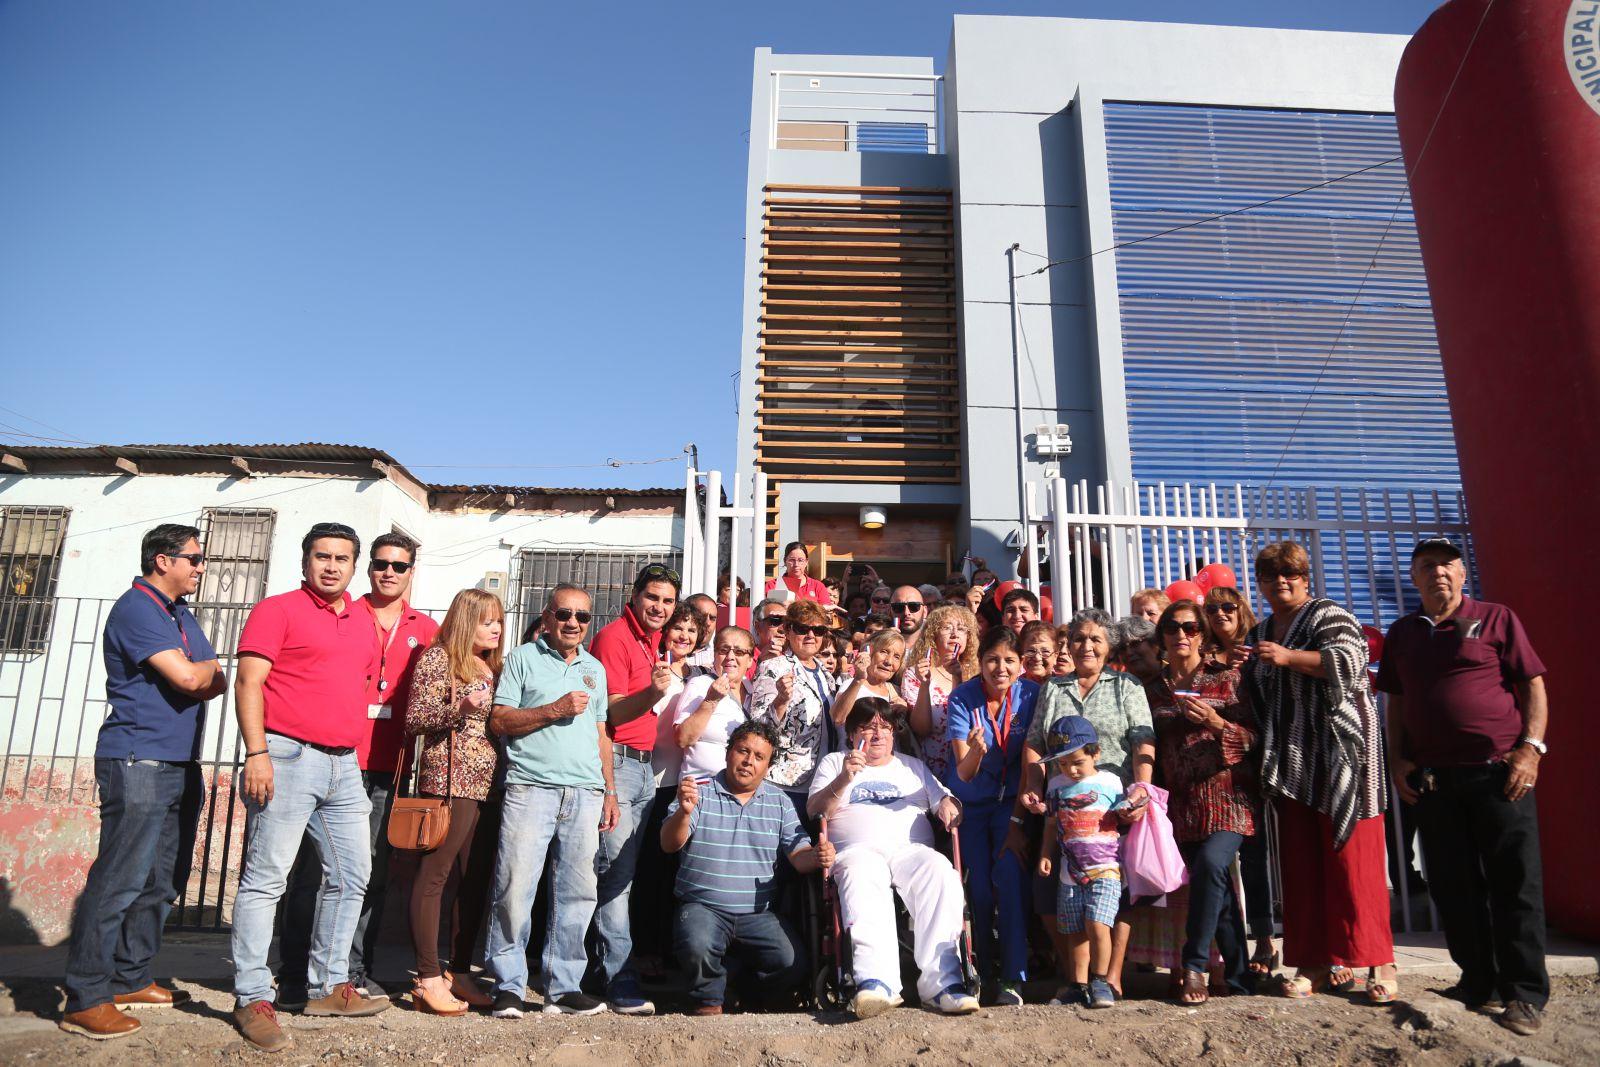 vecinos-de-la-poblacion-ana-giglia-zappa-ya-cuentan-con-nueva-y-moderna-sede